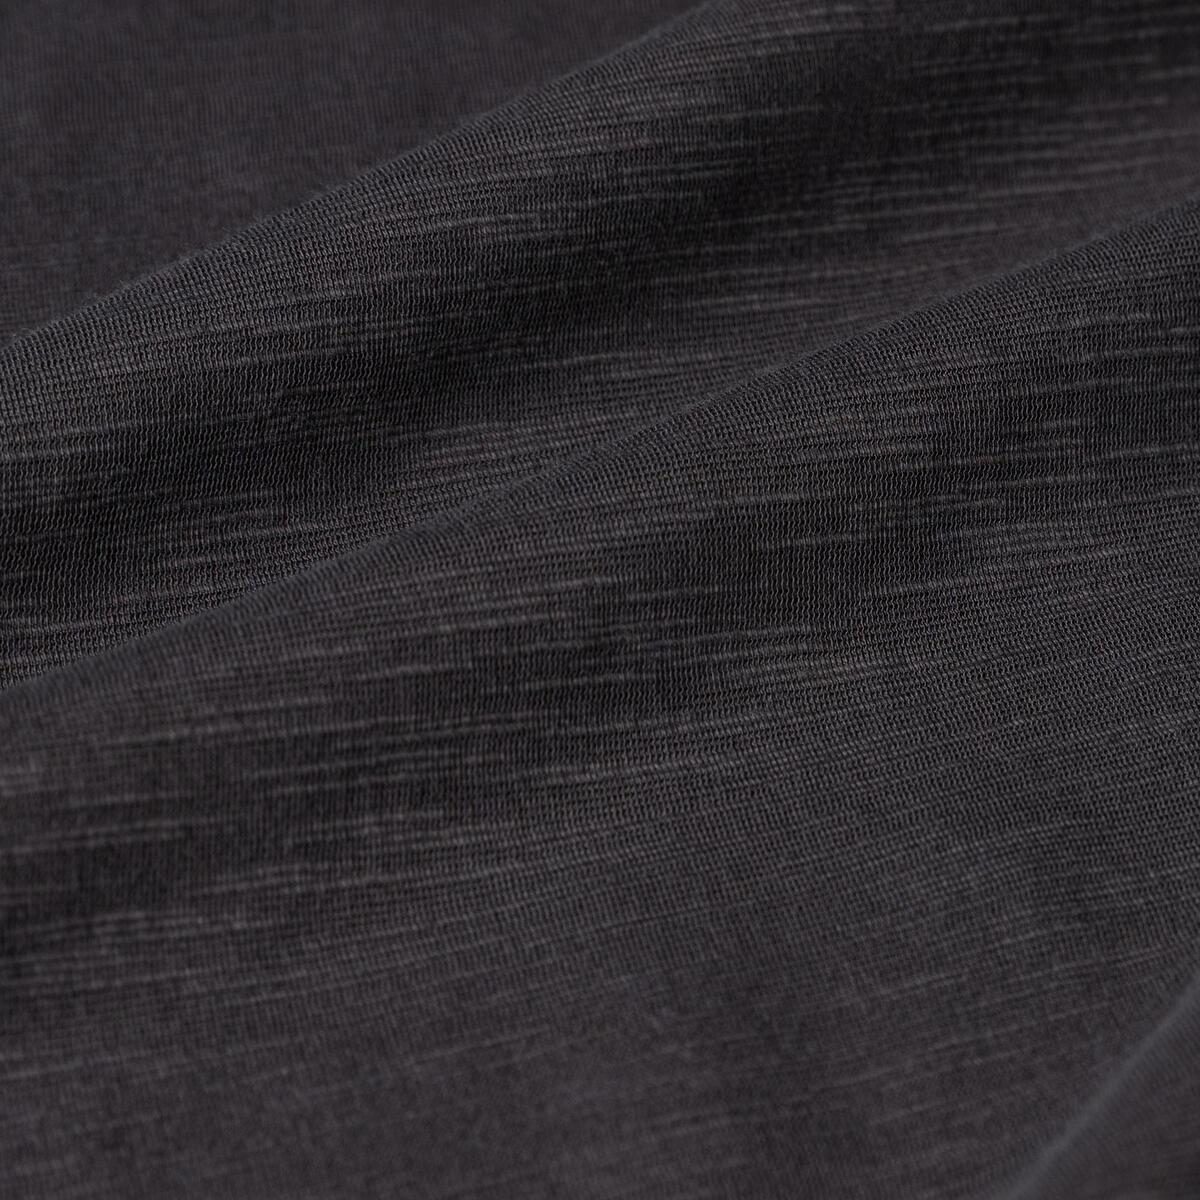 Bild 5 von Laufshirt langarm Run Dry+ Herren schwarz